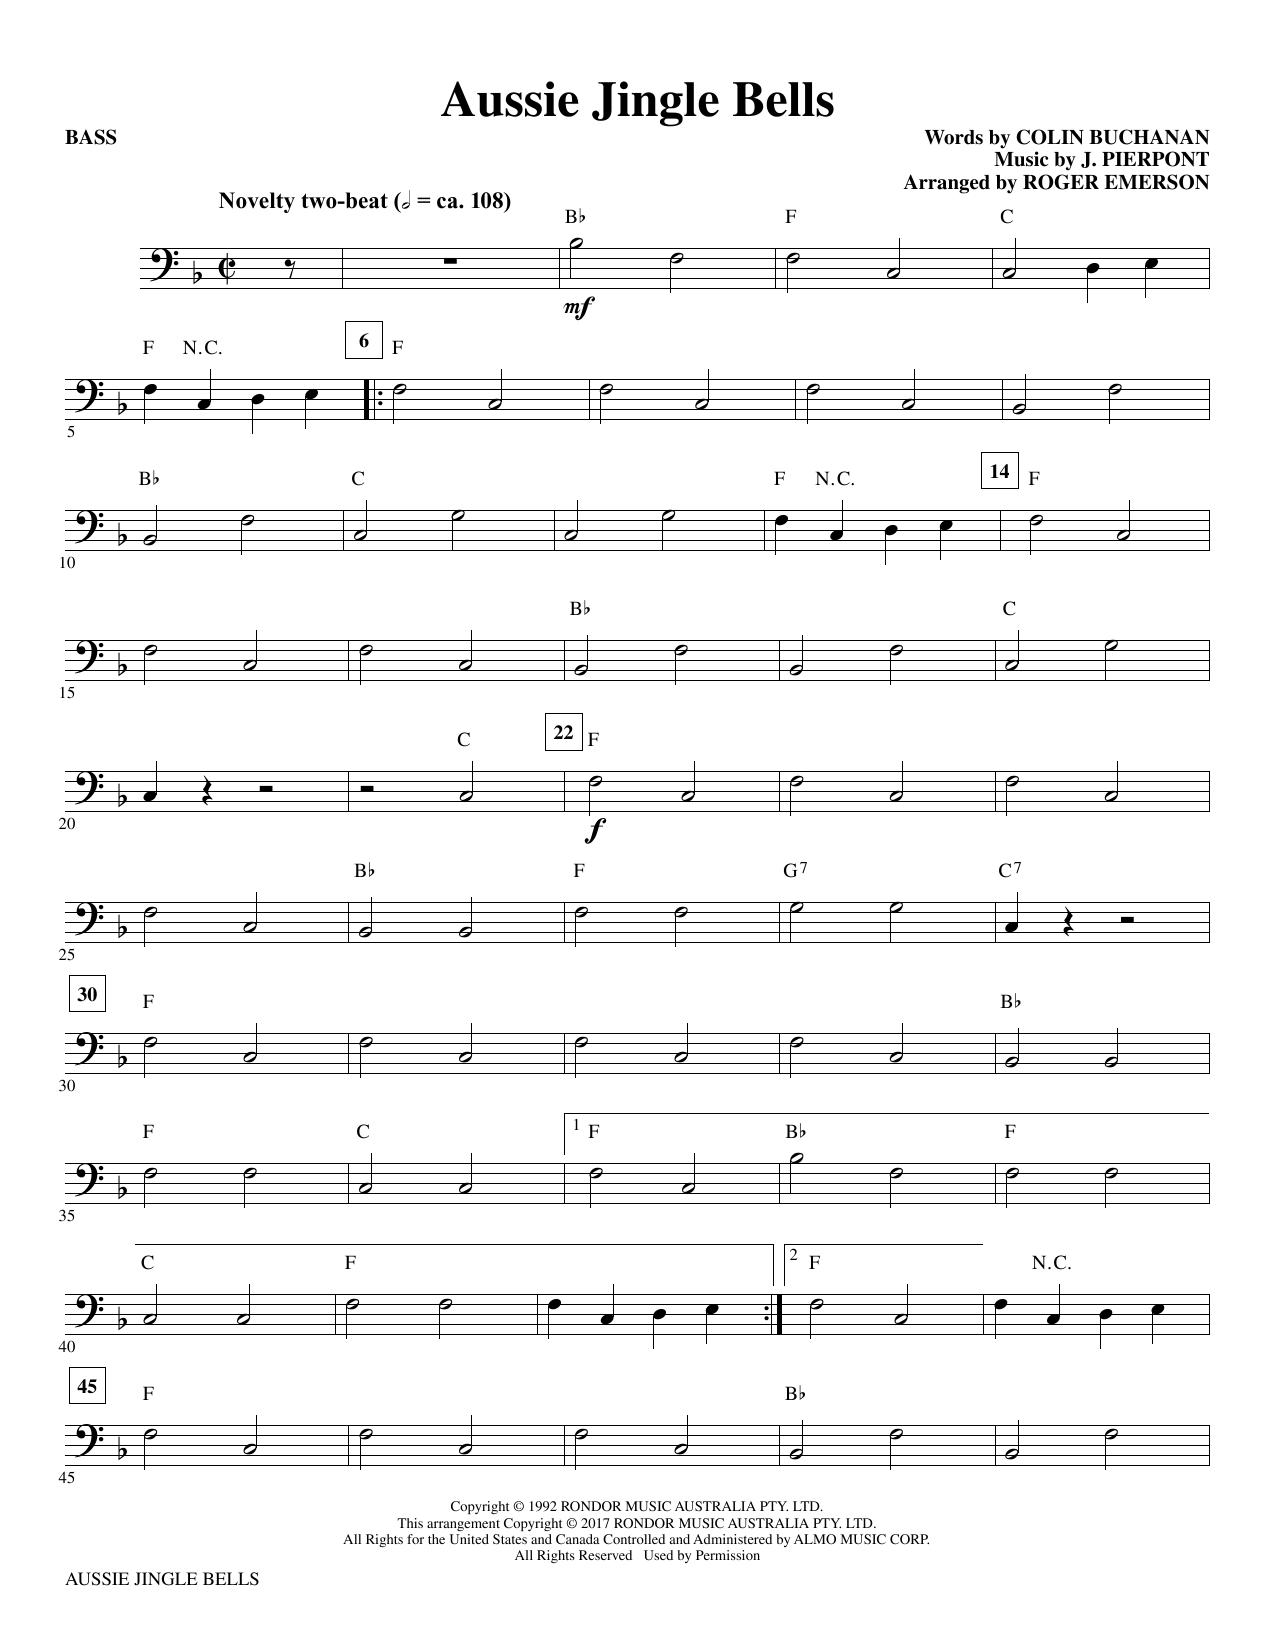 Aussie Jingle Bells - Bass Sheet Music